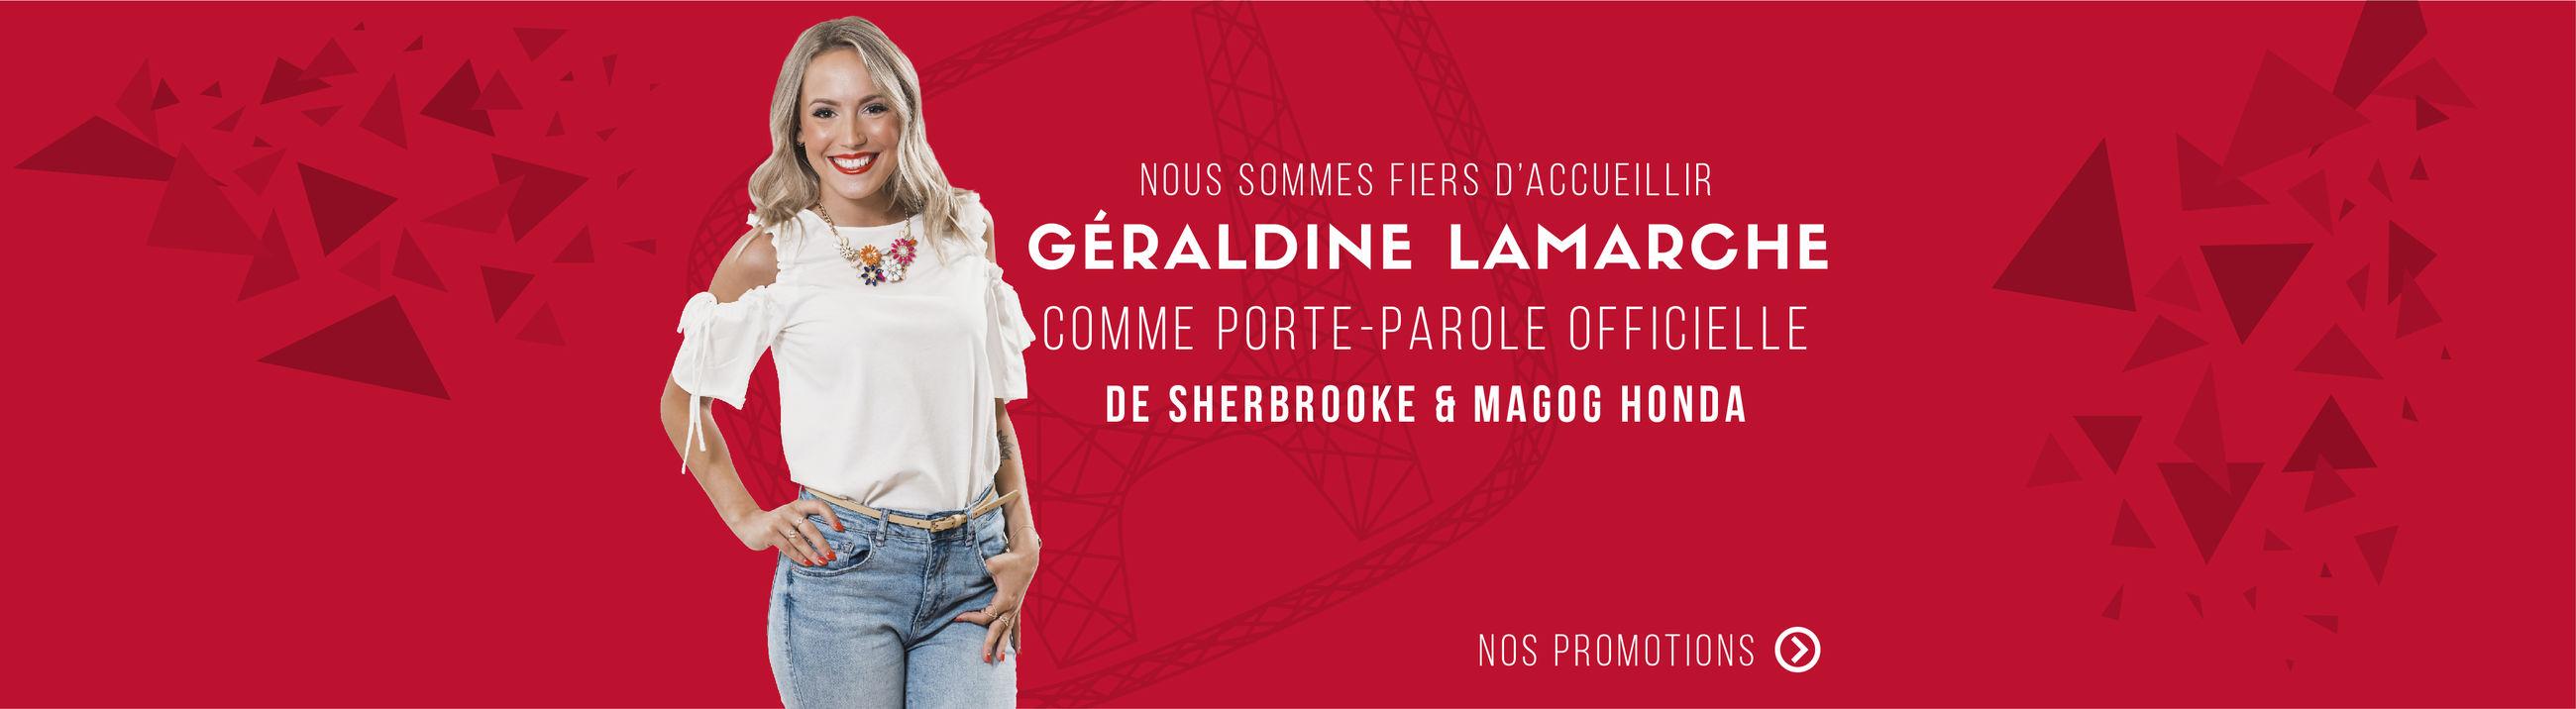 Géraldine Lamarche - Porte-parole officielle